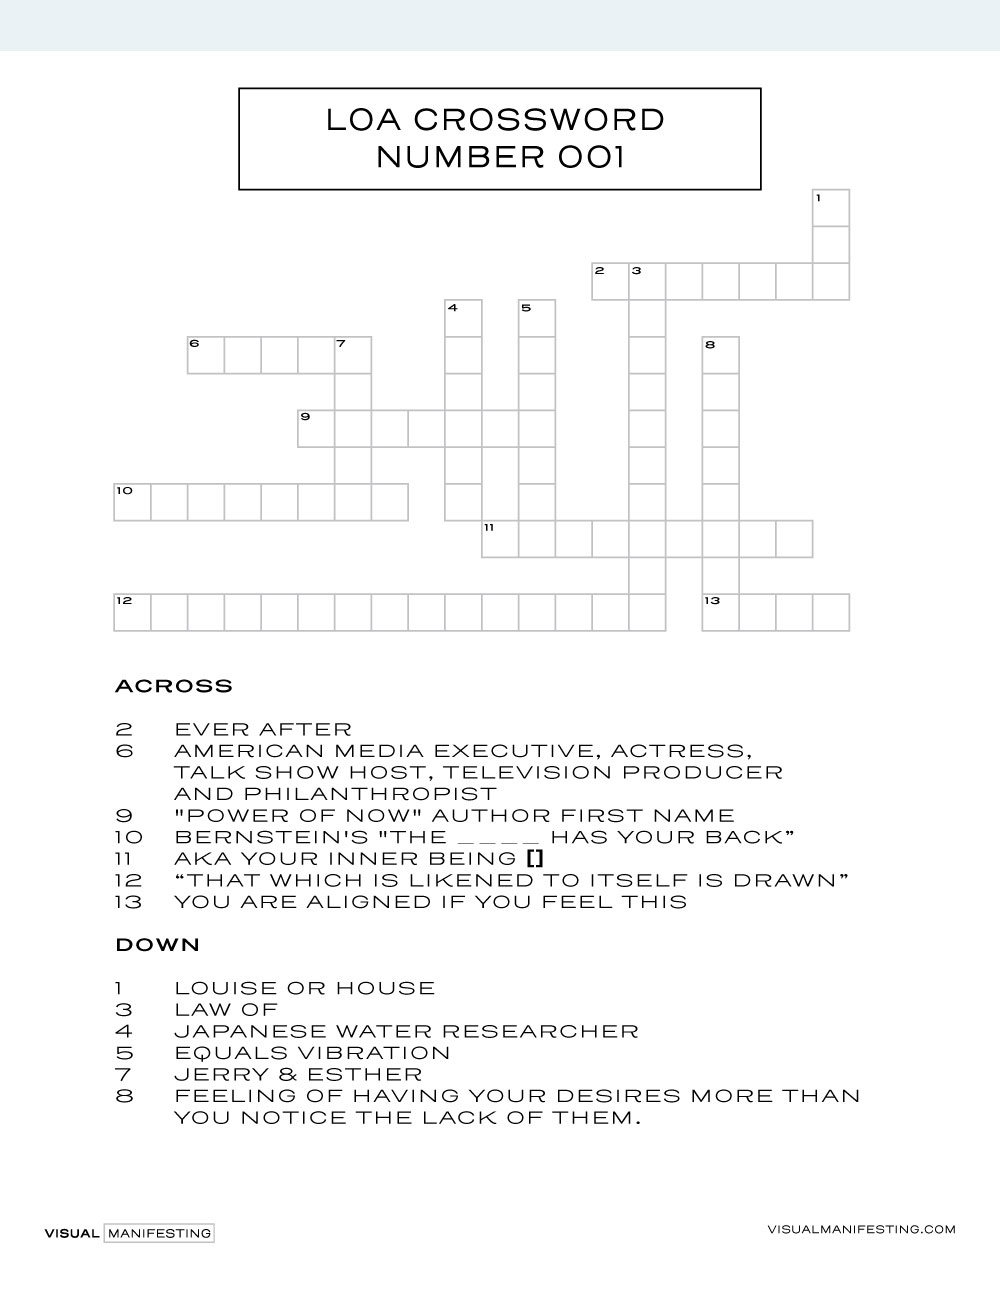 LOA_Crossword_Img.jpg